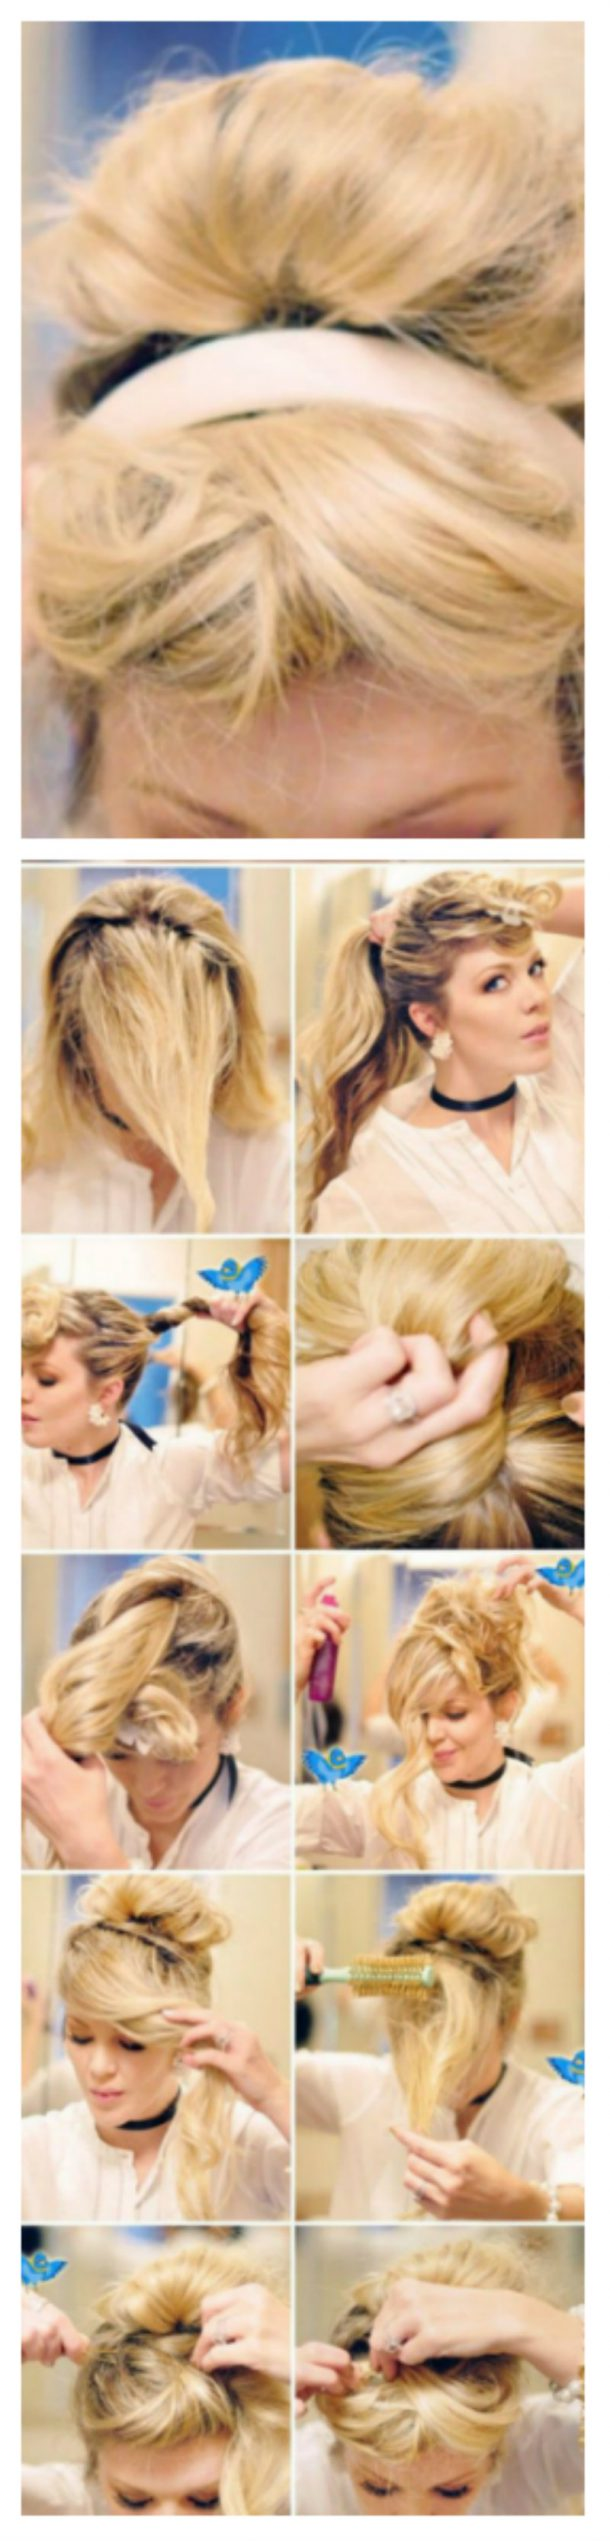 7 вариантов как сделать красивый пучок из волос для волос 78